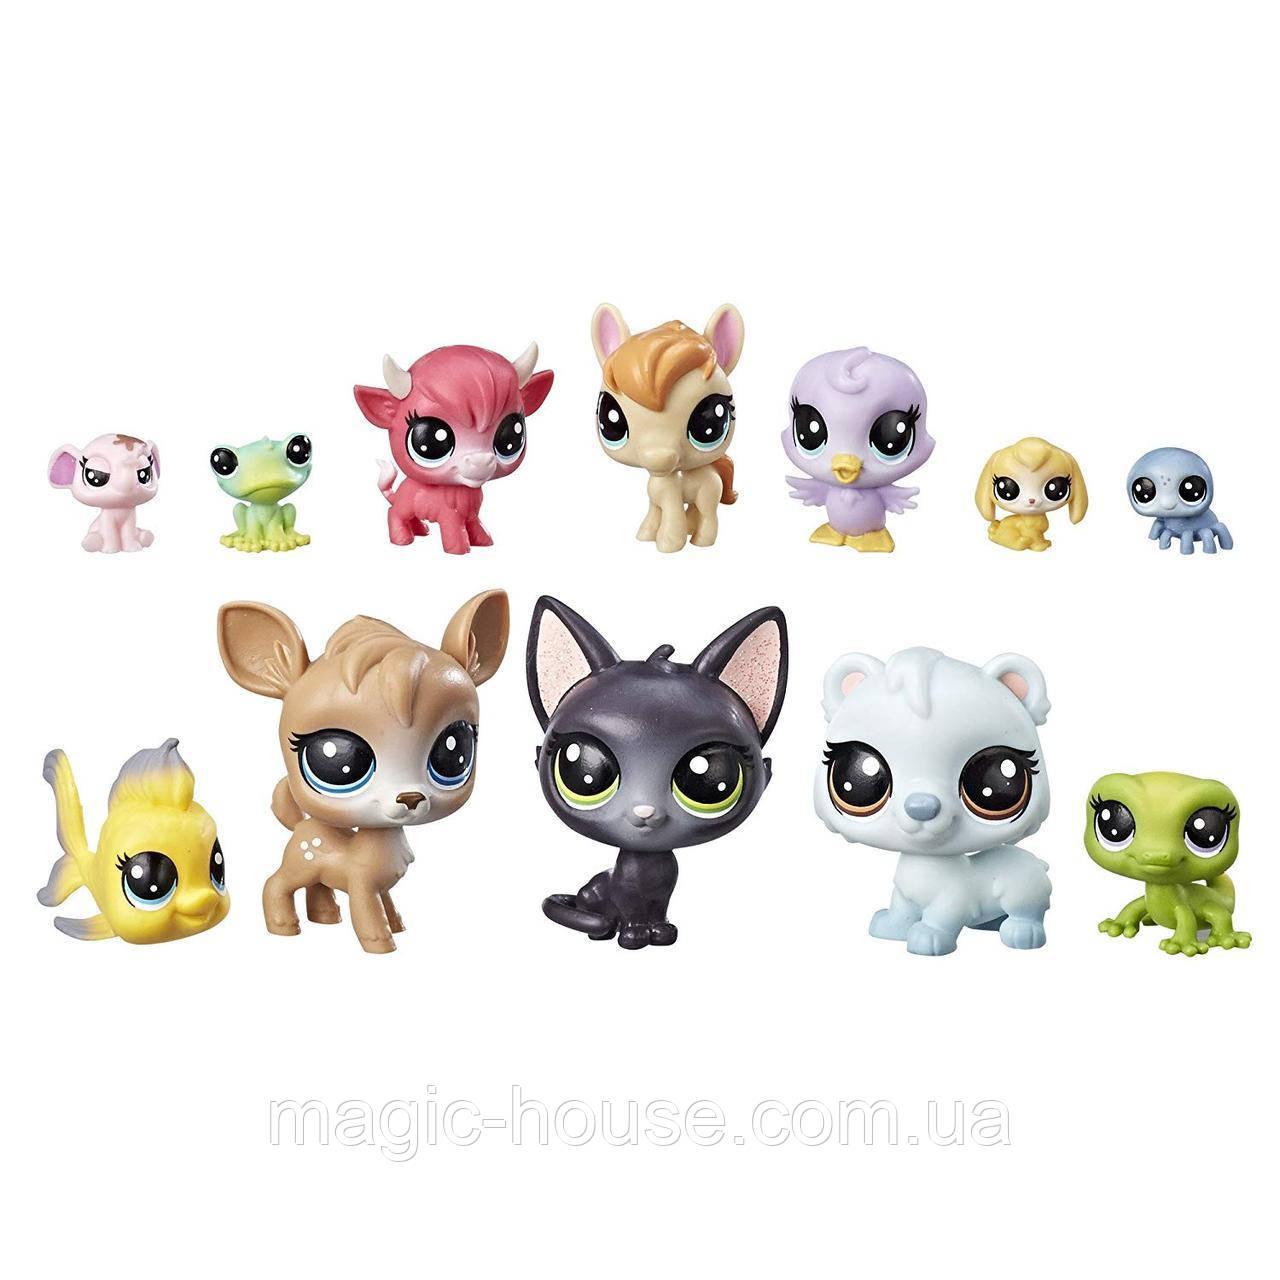 Ігровий набір Littlest Pet Shop Lucky Dozen Donuts Оригінал від Hasbro